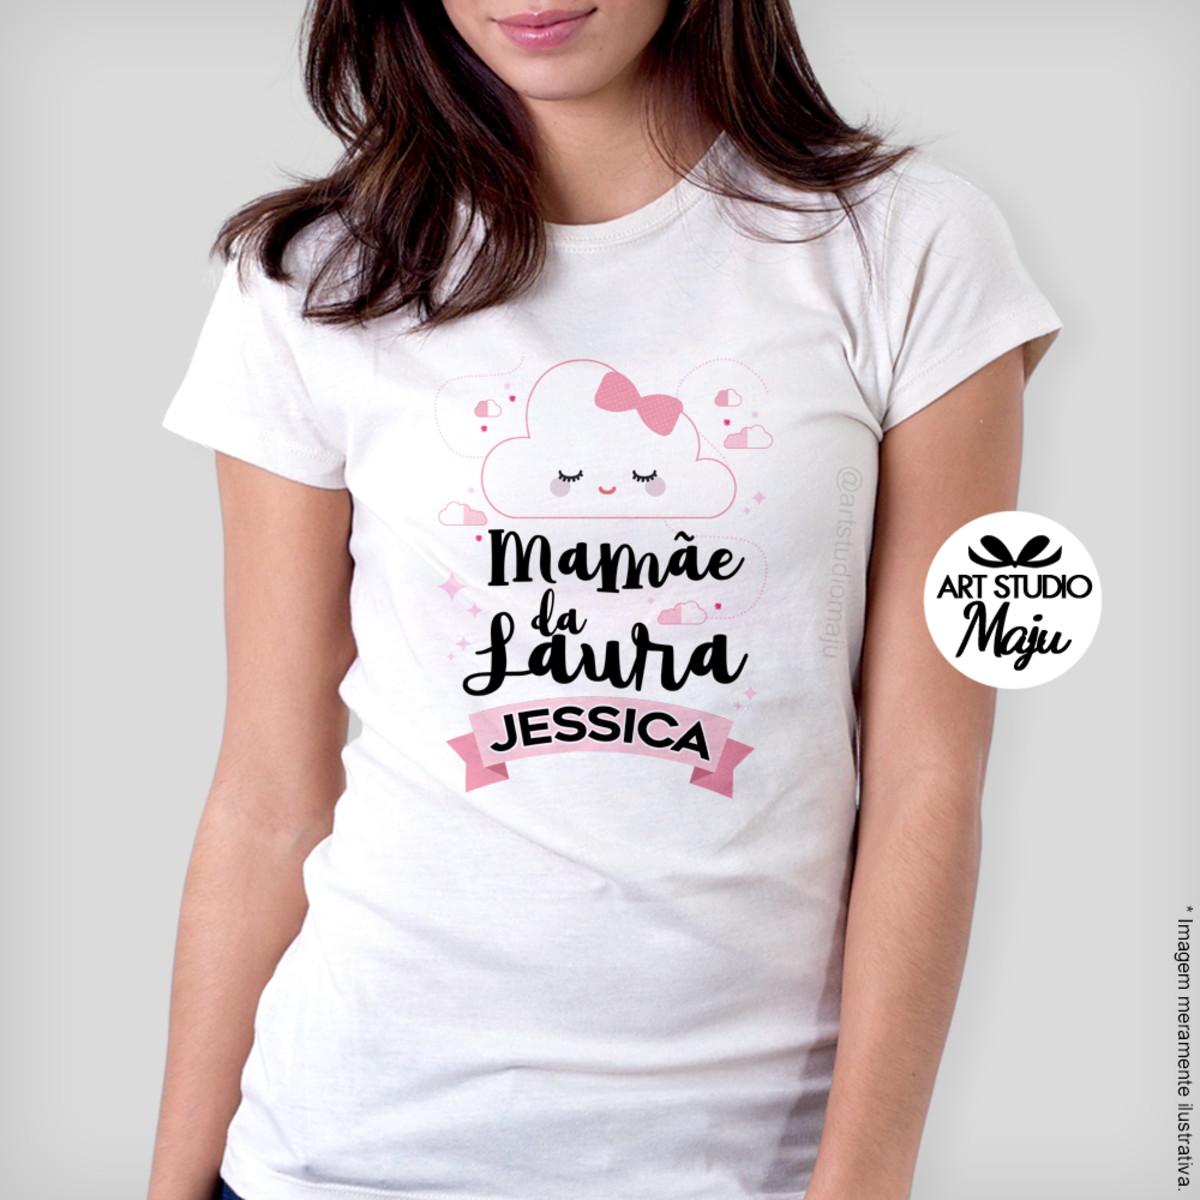 660153d24a77f Camiseta Personalizada Feminina c  nome - Mamãe Nuvem no Elo7